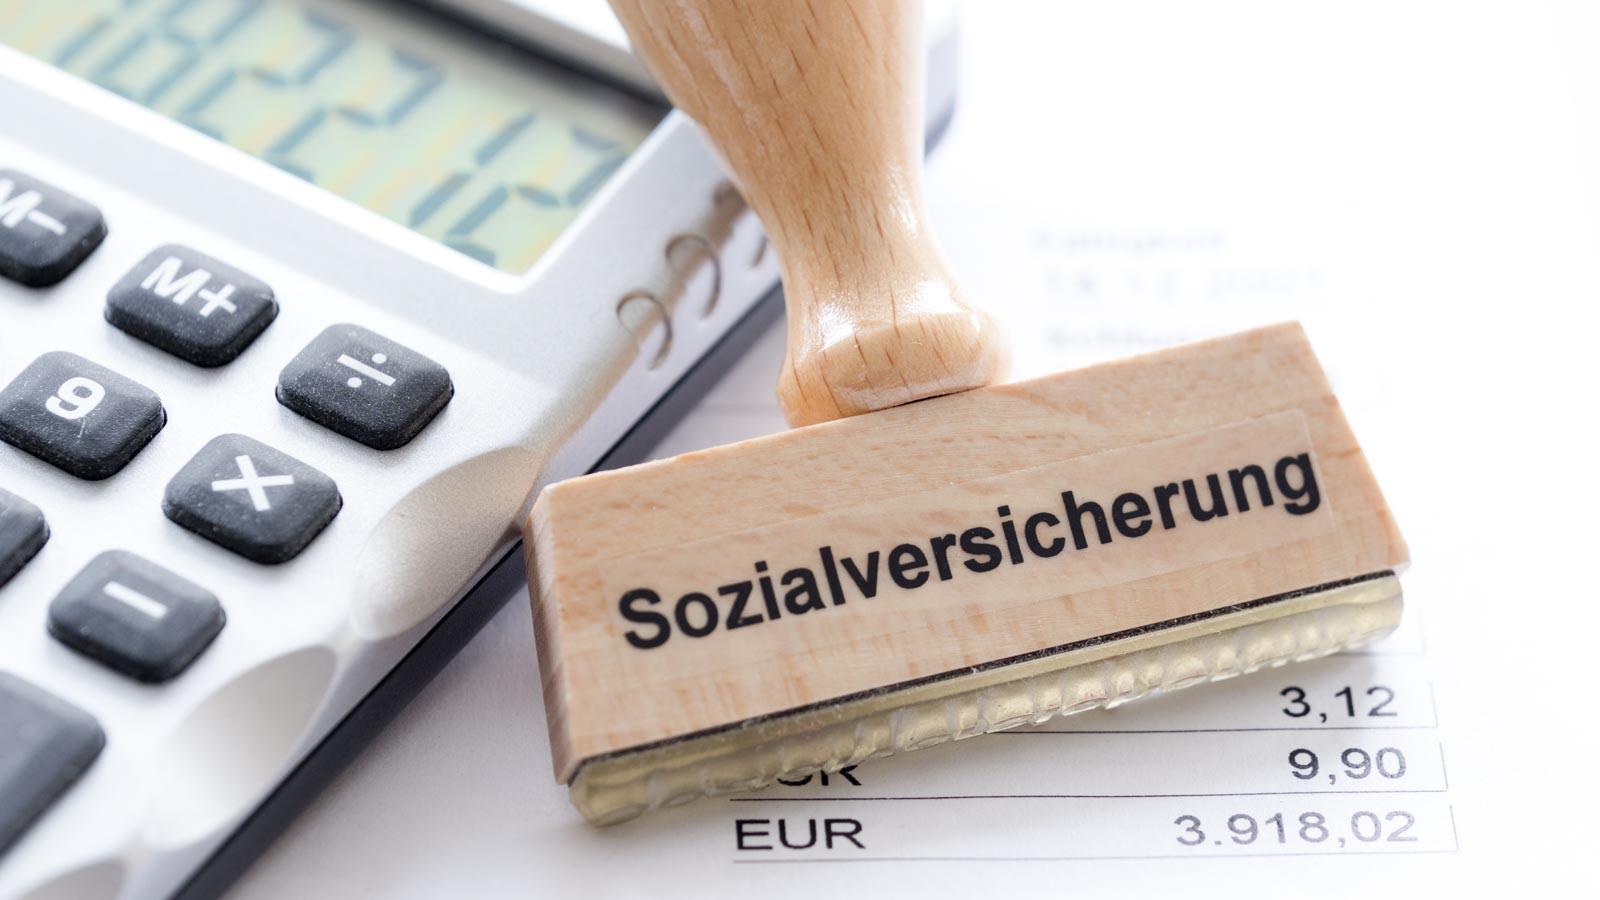 Stempel mit der Aufschrift Sozialversicherung neben Taschenrechner und Gehaltsabrechnung